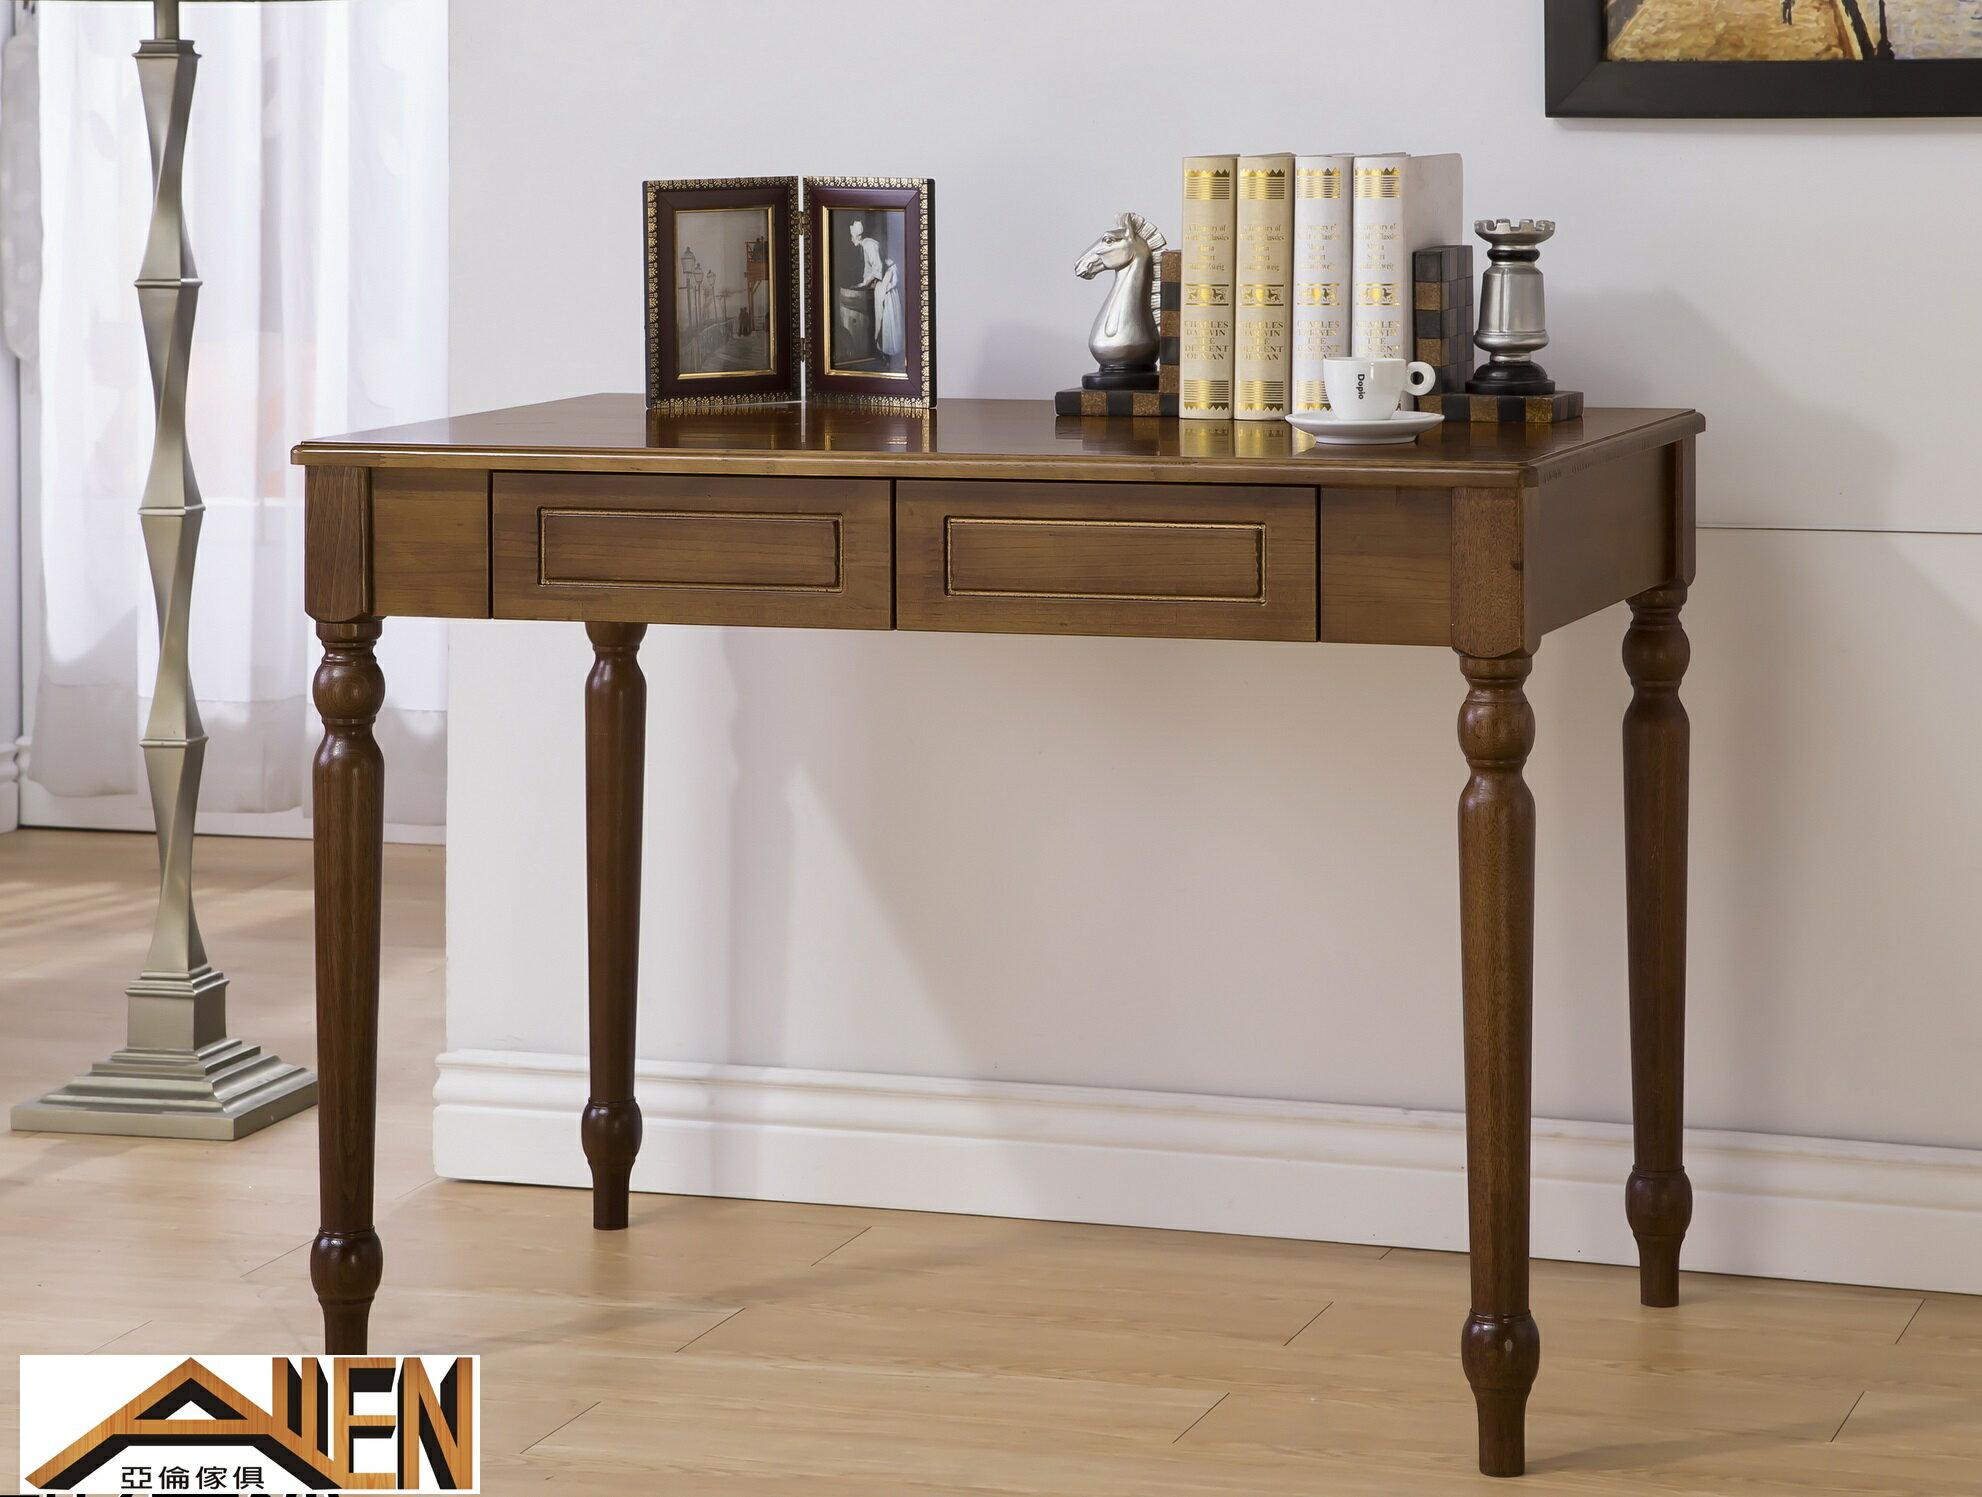 亞倫傢俱*莉莎紐松全實木100公分書桌(胡桃色)